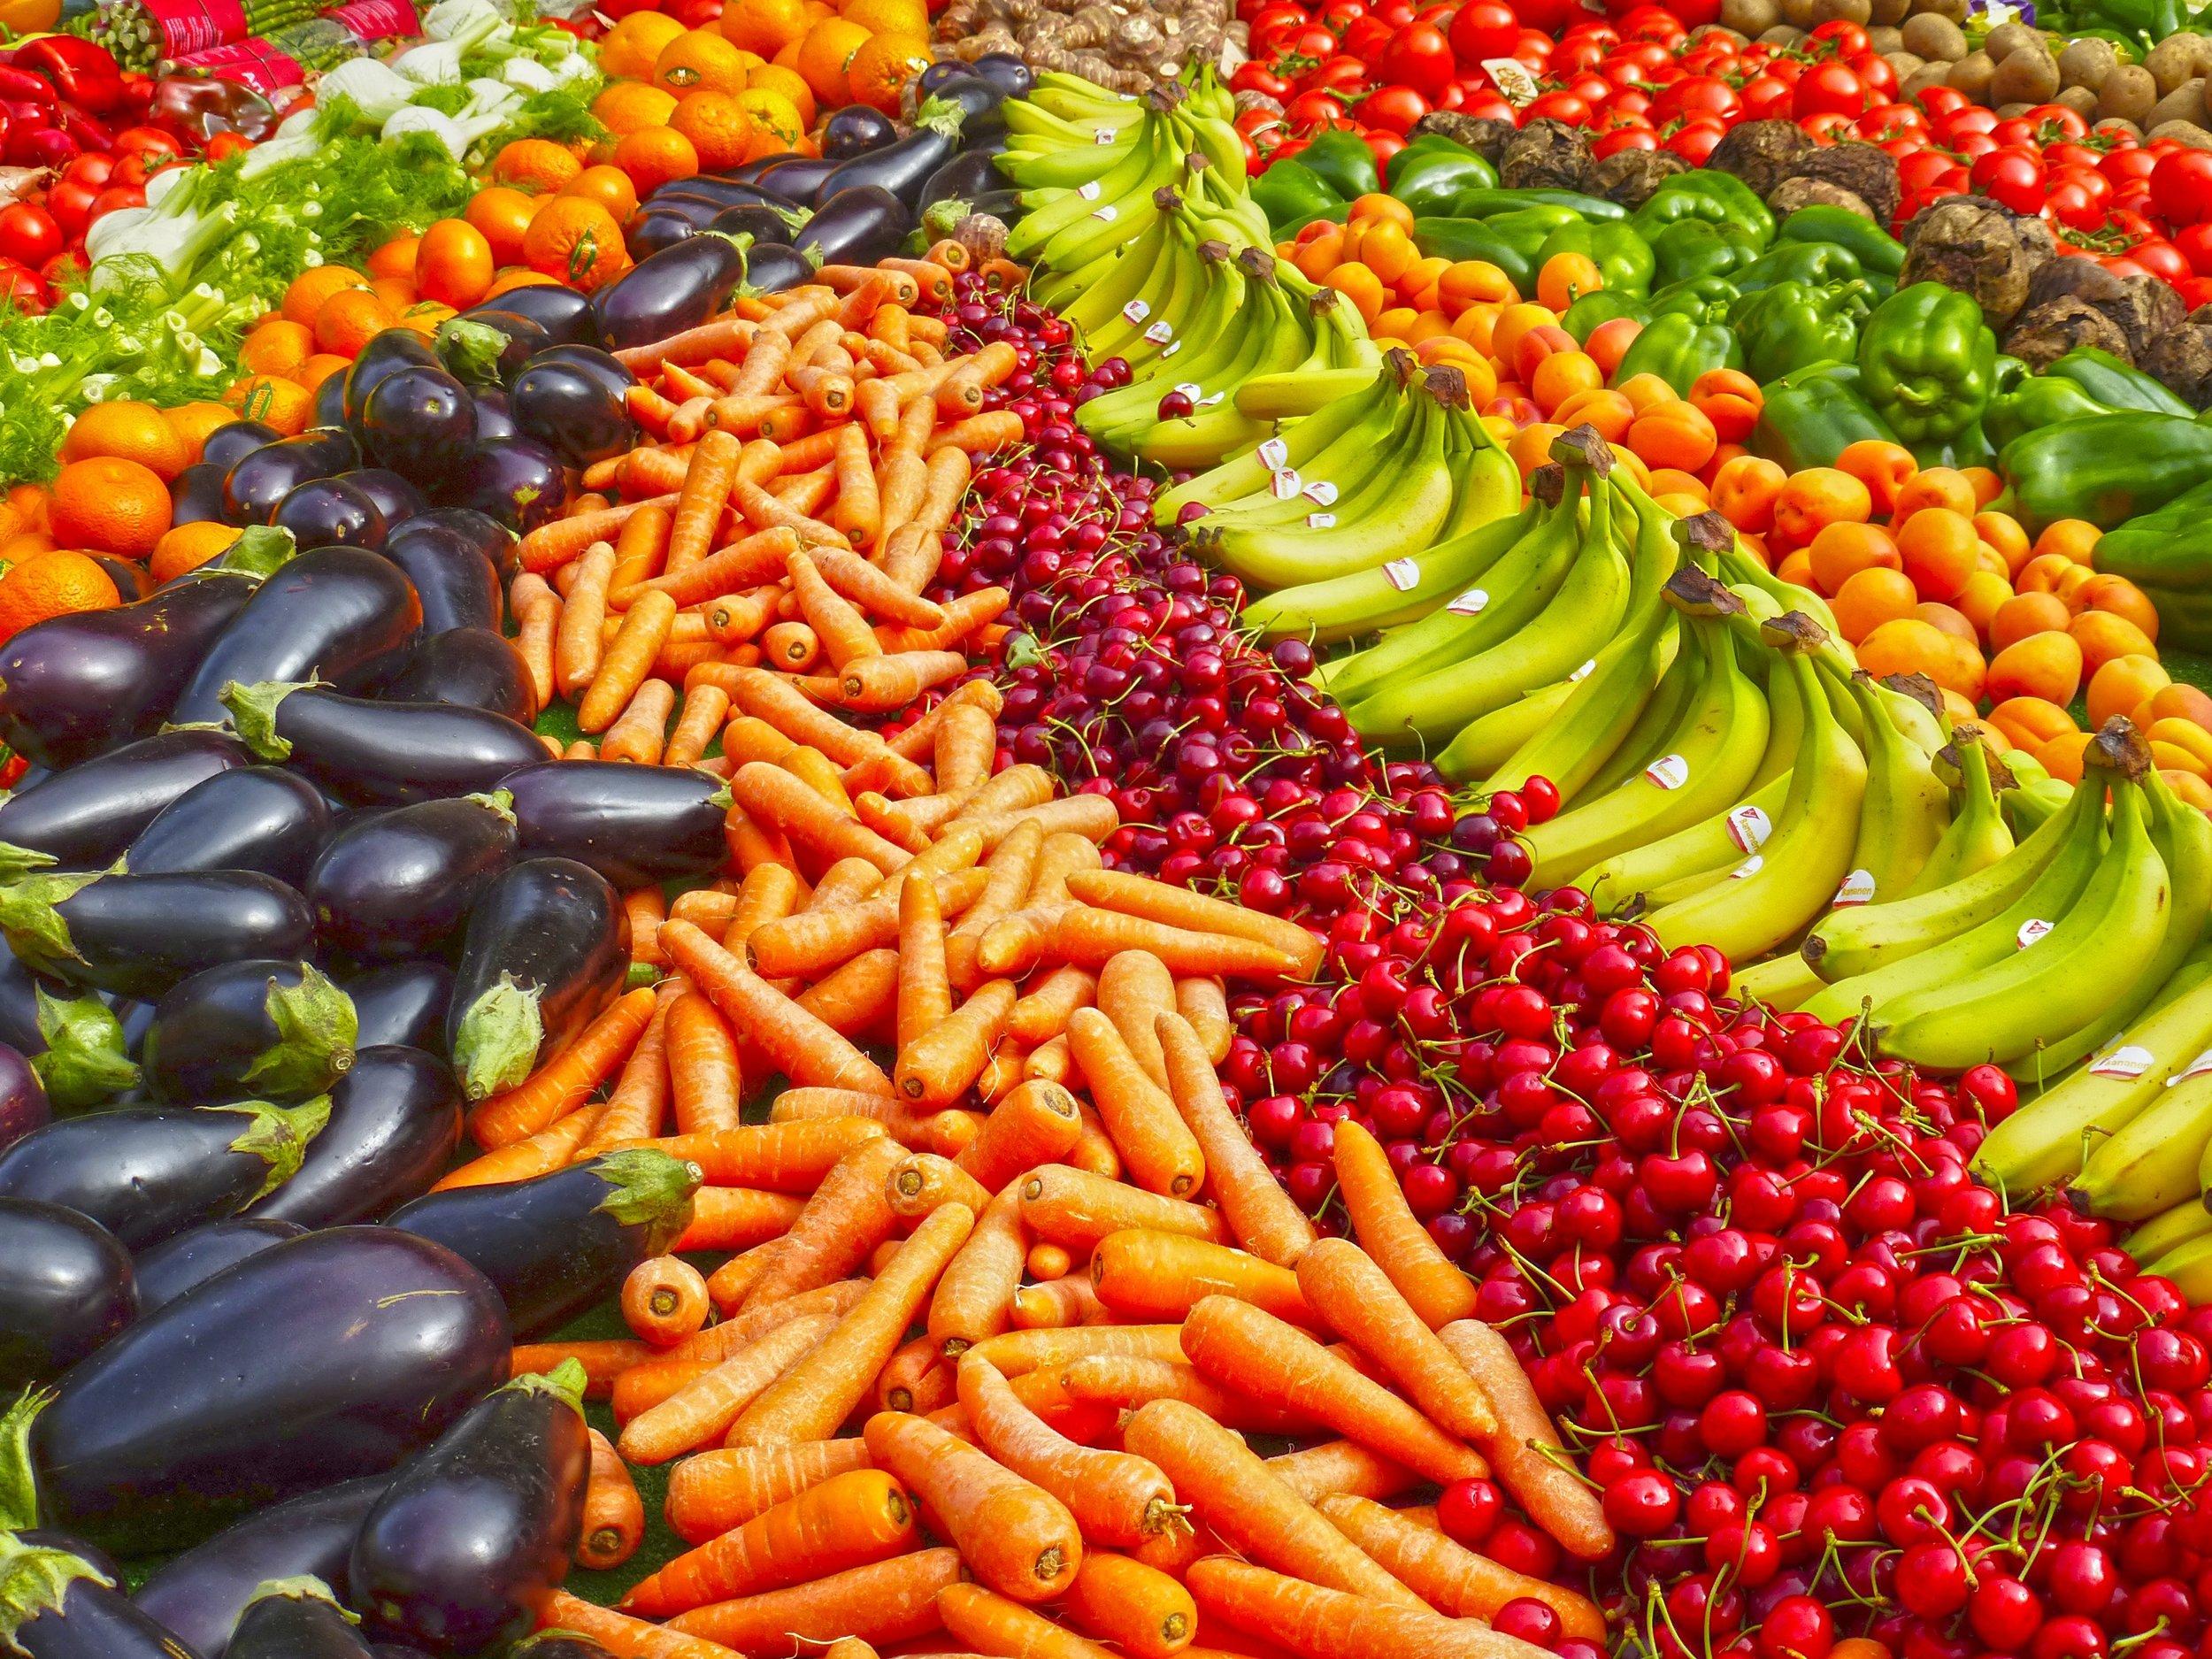 fruit and veg market.jpg